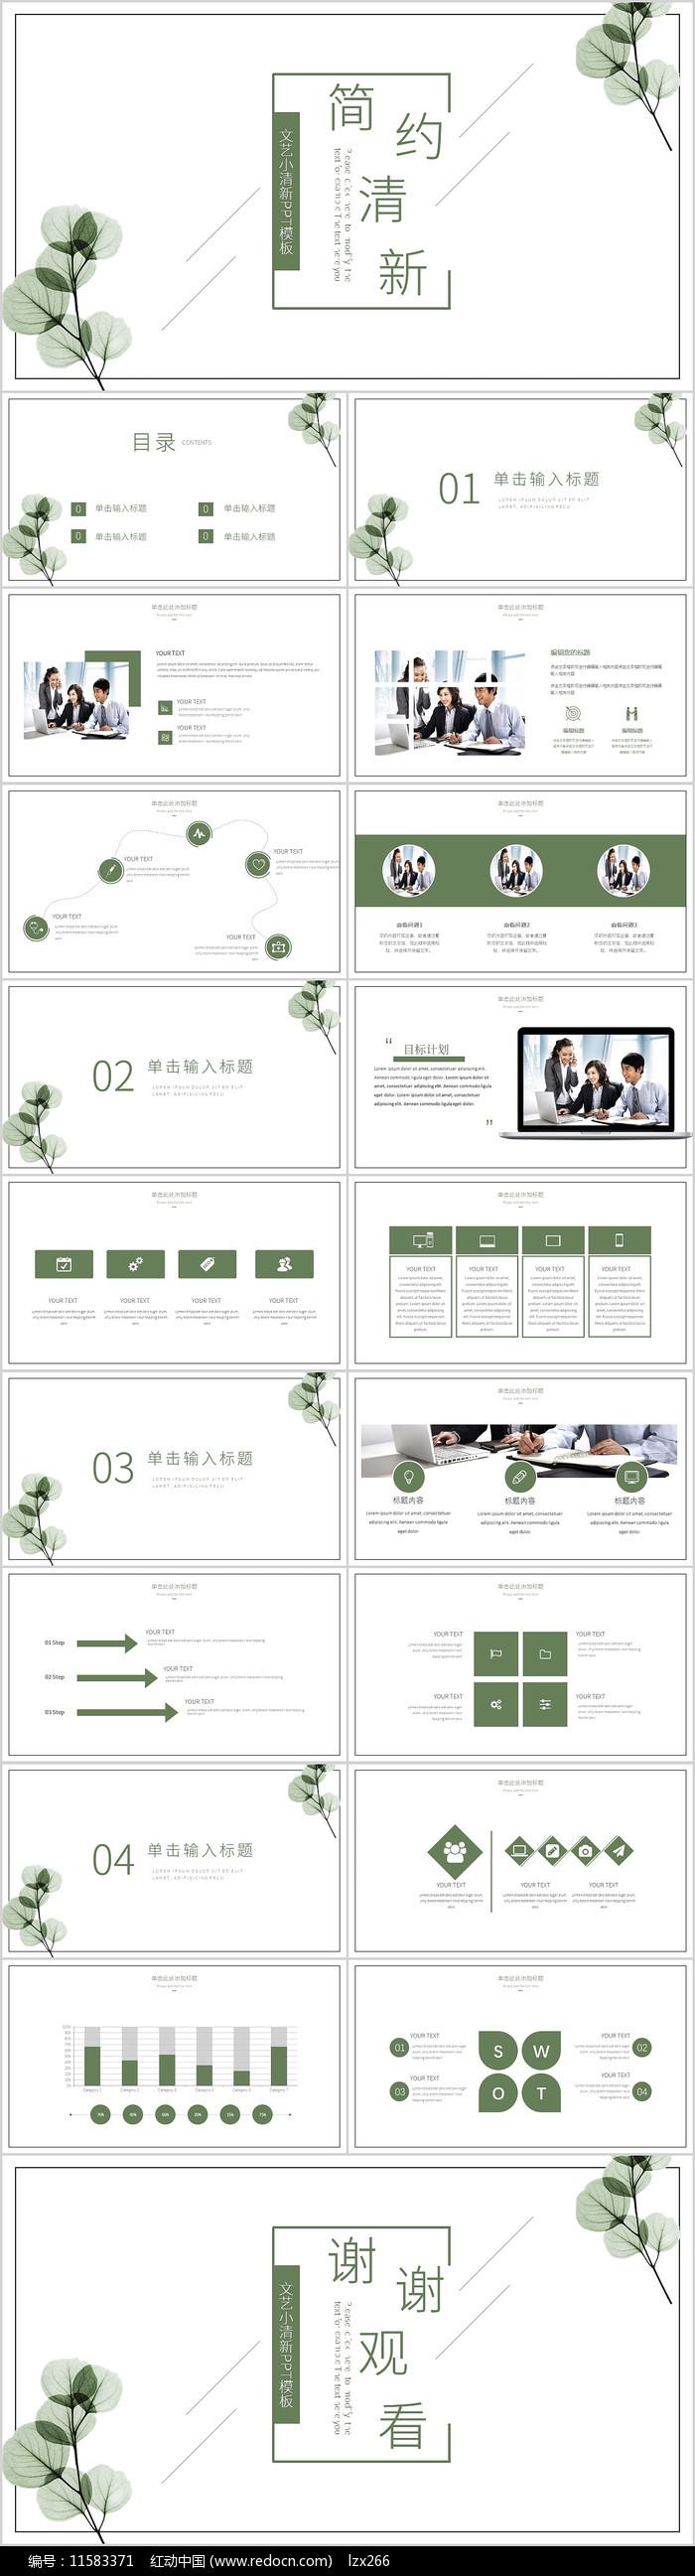 2022小清新工作商务汇报企业公司PPT模板图片